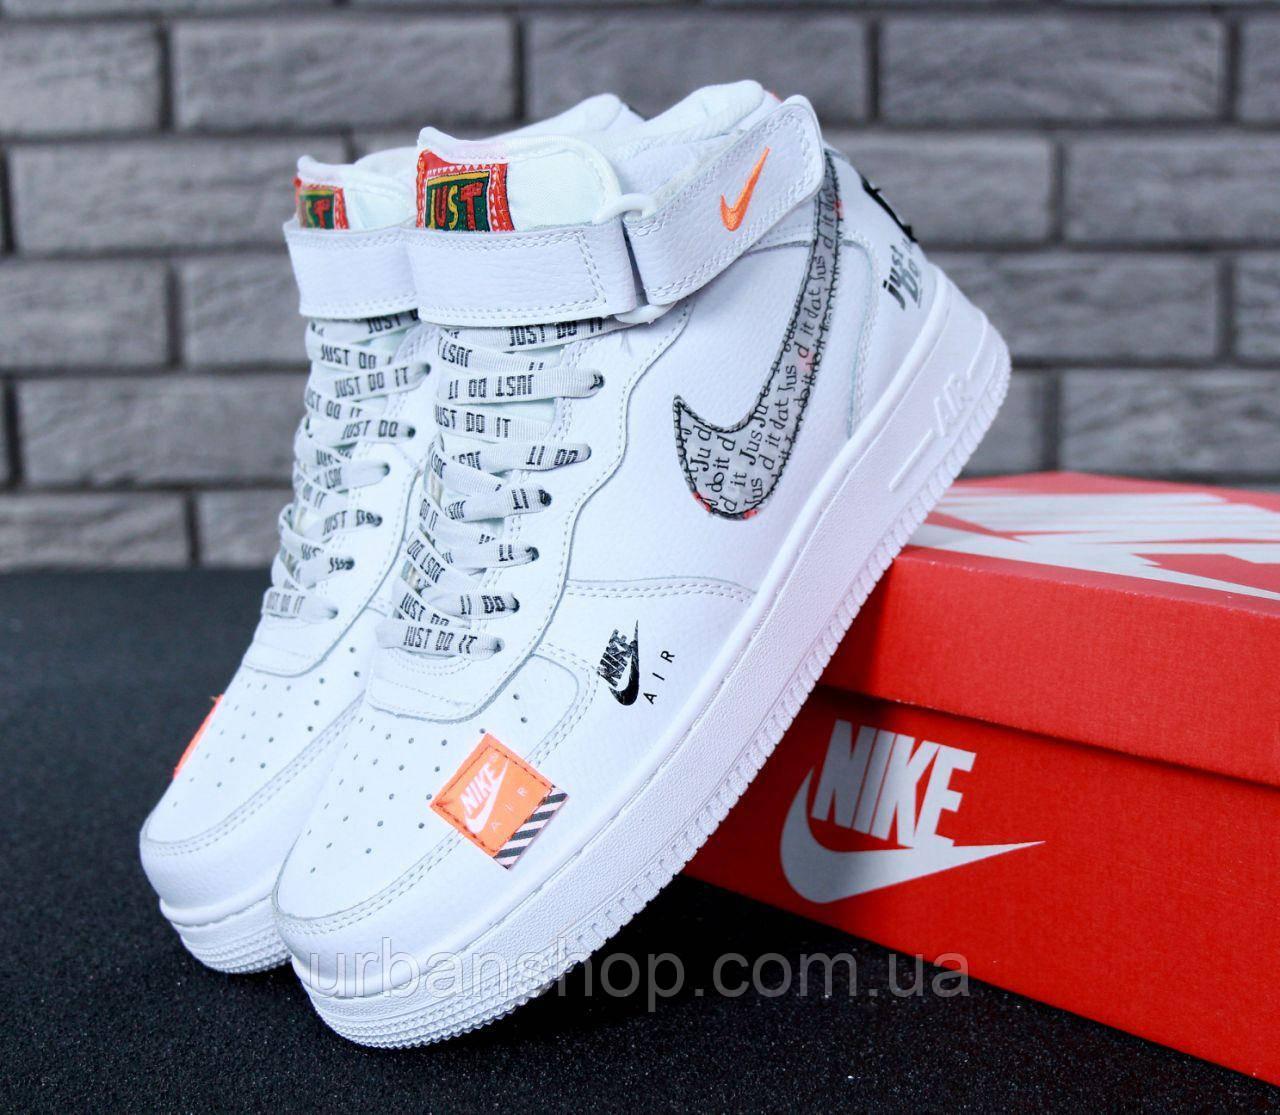 Кросівки чоловічі Найк Nike Air Force 1 Hi Just Do It. ТОП Репліка ААА класу.